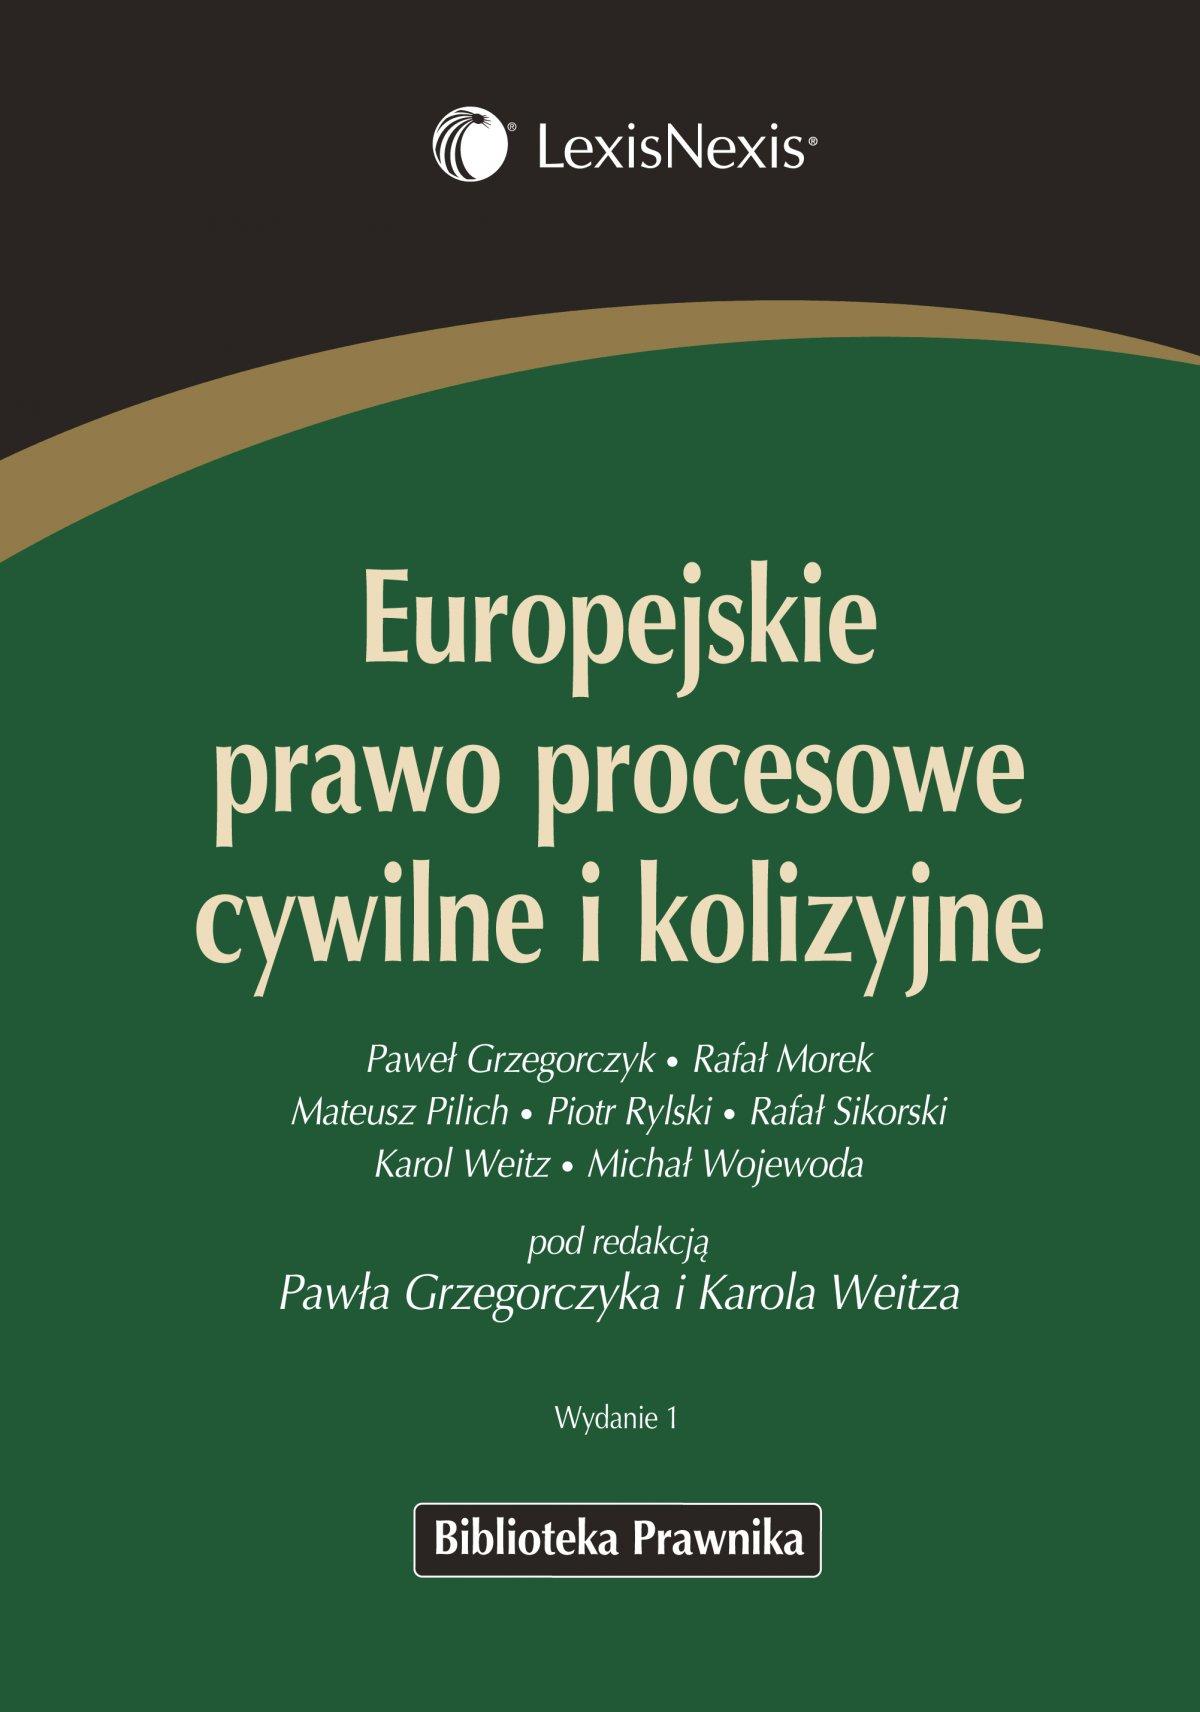 Europejskie prawo procesowe cywilne i kolizyjne - Ebook (Książka EPUB) do pobrania w formacie EPUB